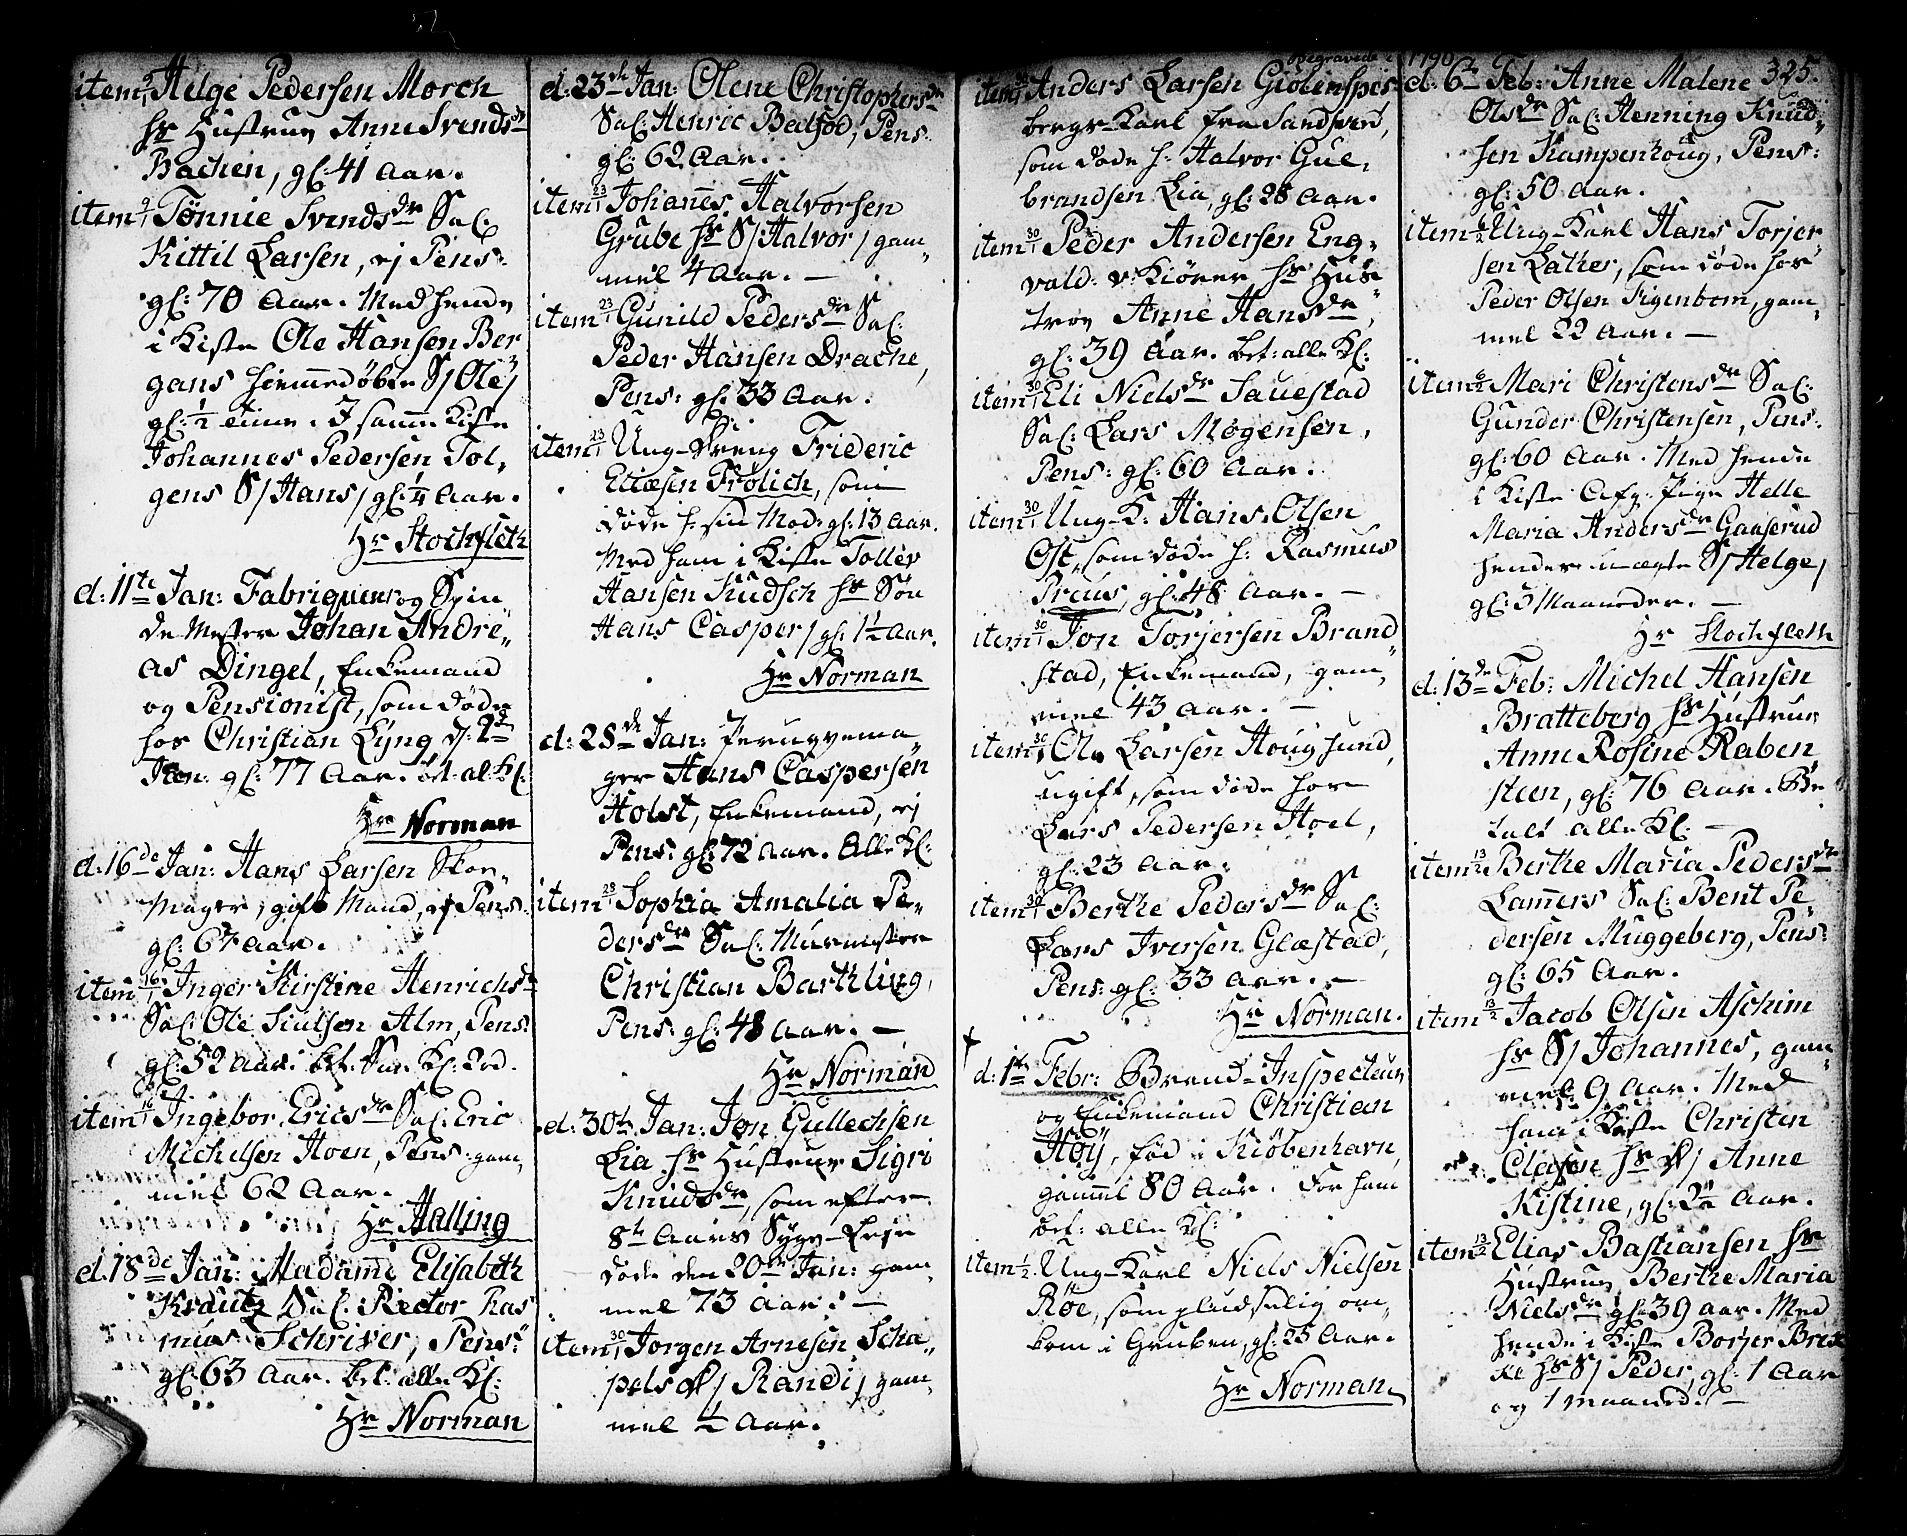 SAKO, Kongsberg kirkebøker, F/Fa/L0006: Ministerialbok nr. I 6, 1783-1797, s. 325